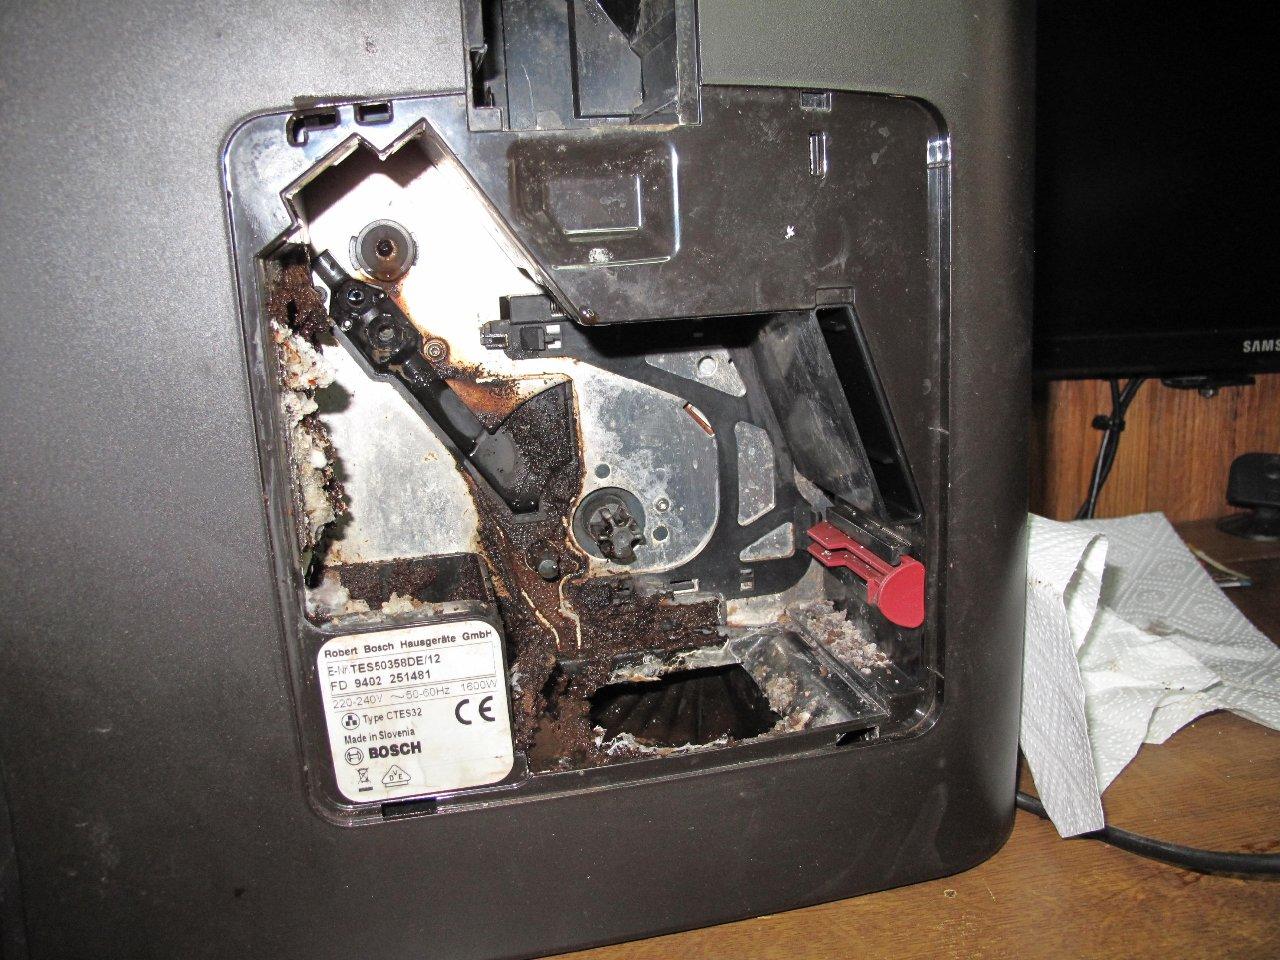 Bosch Handmixer MFQ3530 - drohendes Kostengrab bei \